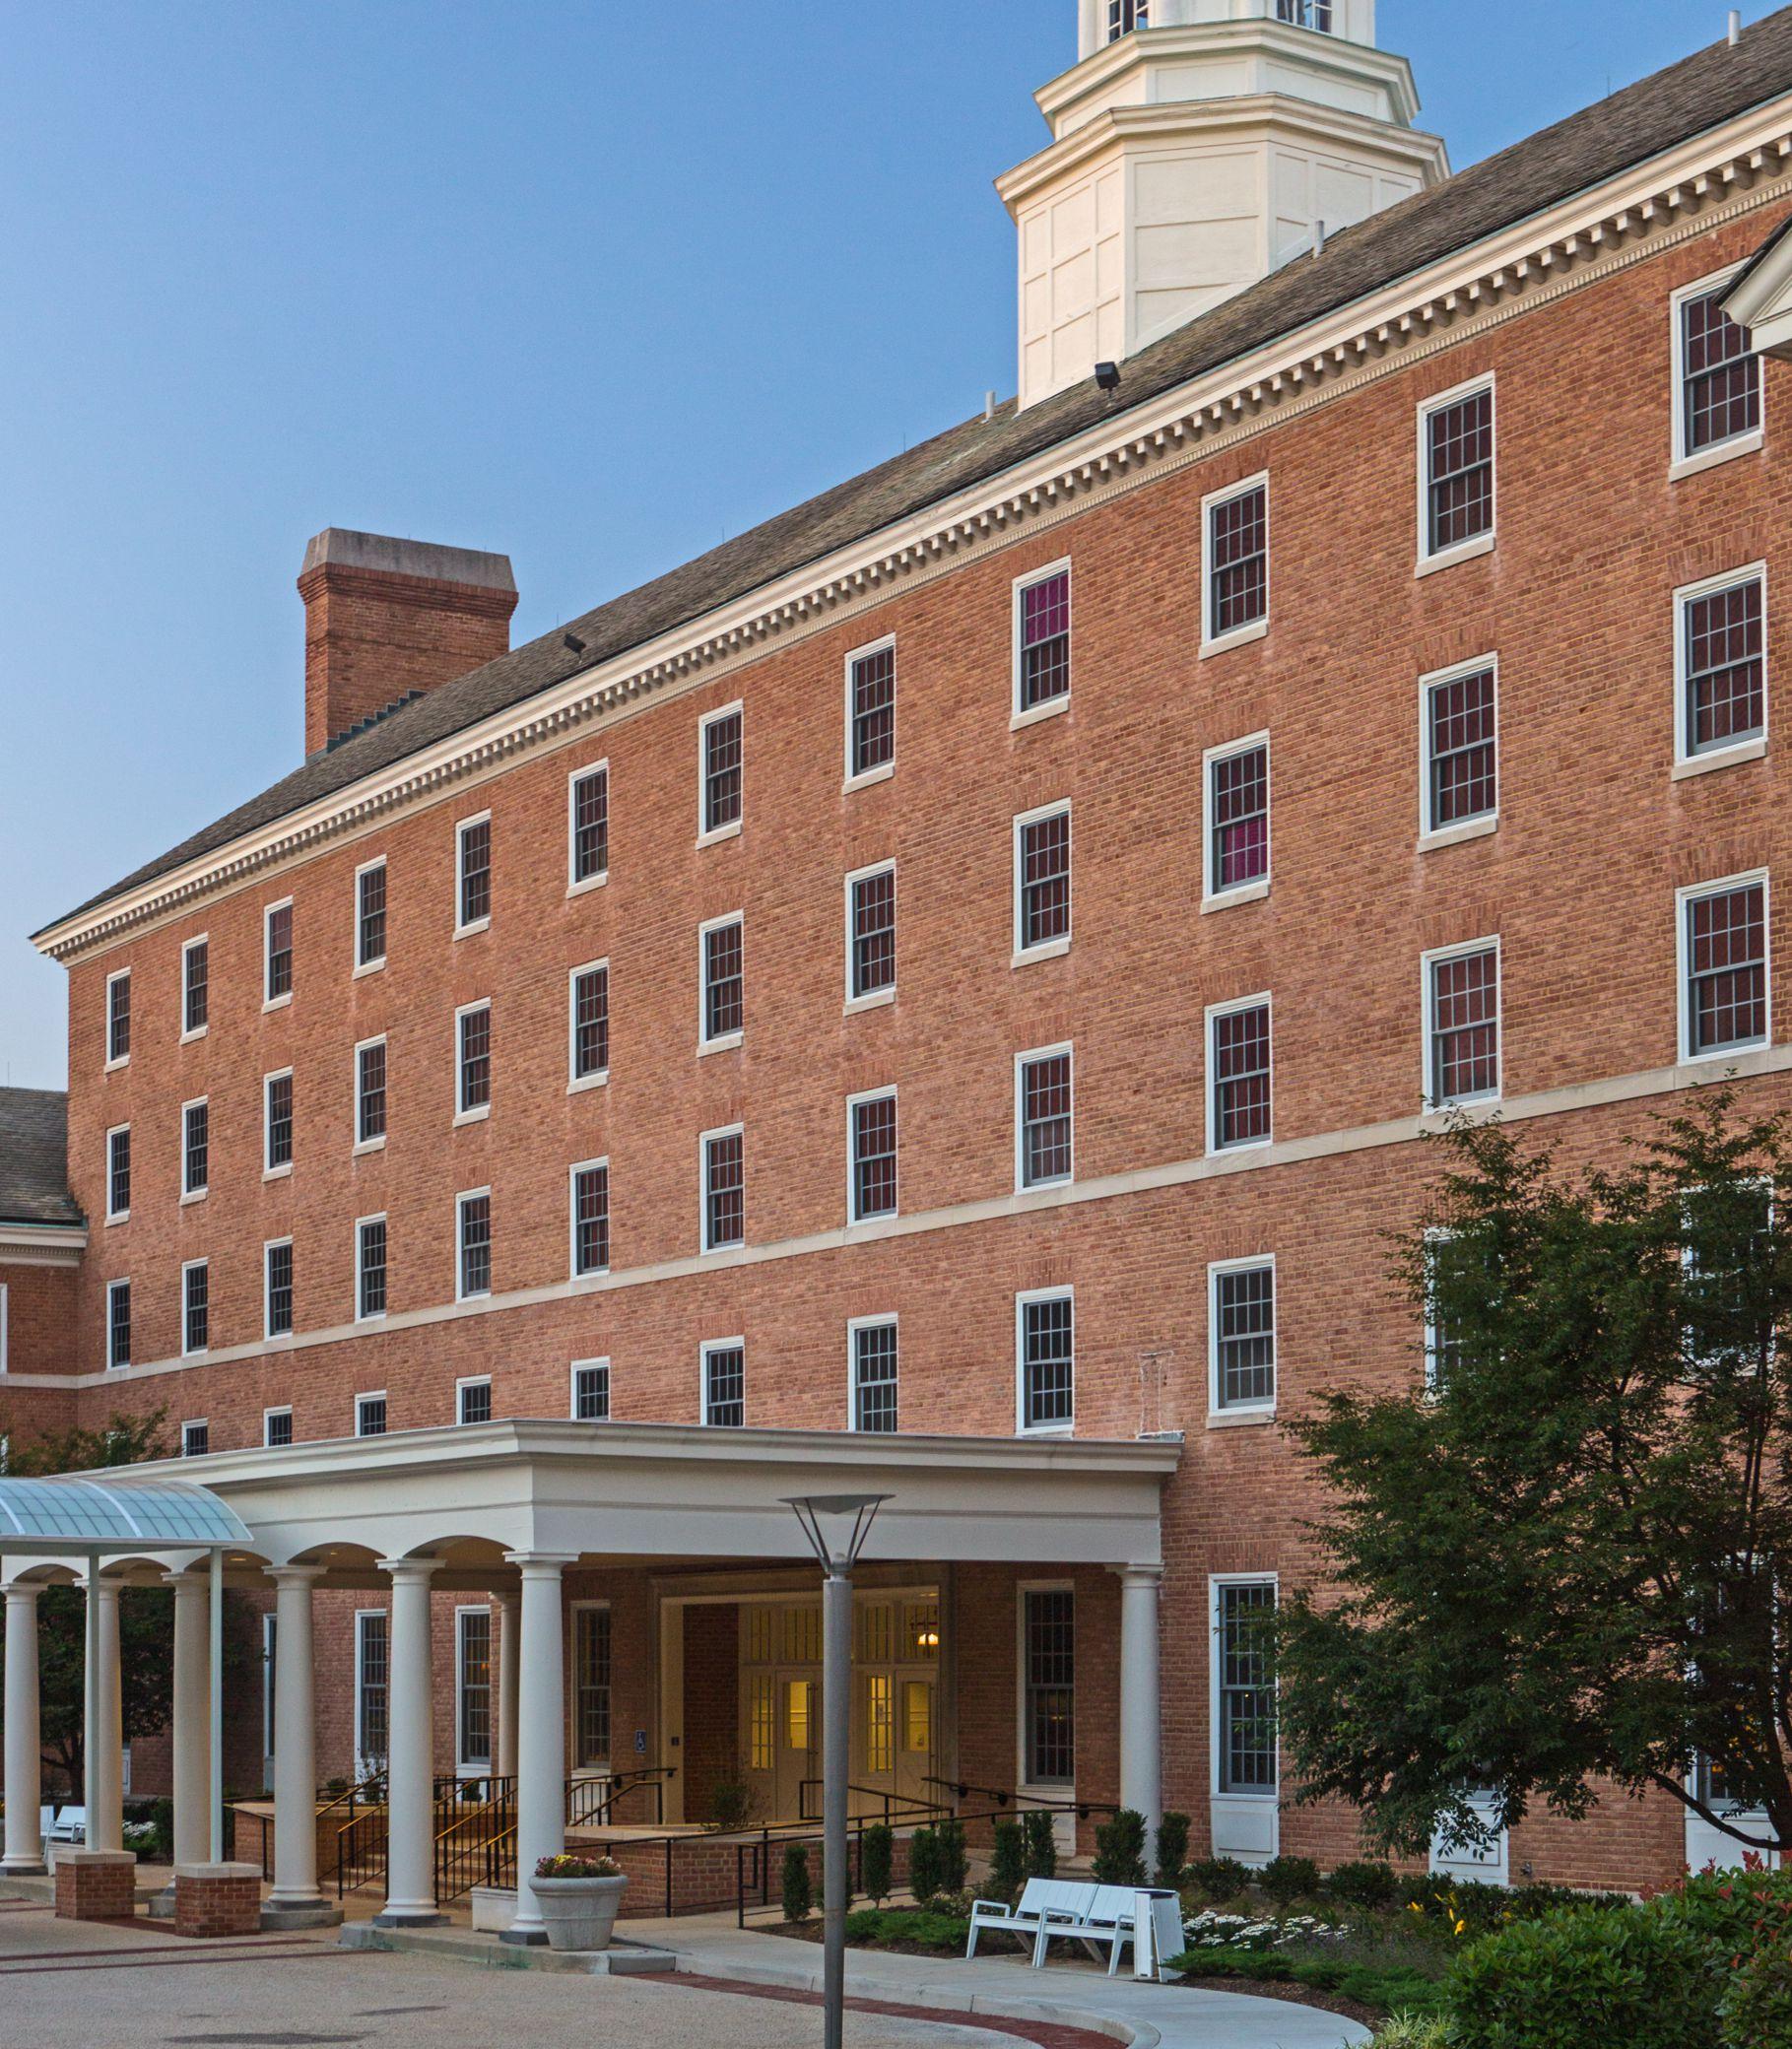 college park marriott hotel conference center. Black Bedroom Furniture Sets. Home Design Ideas